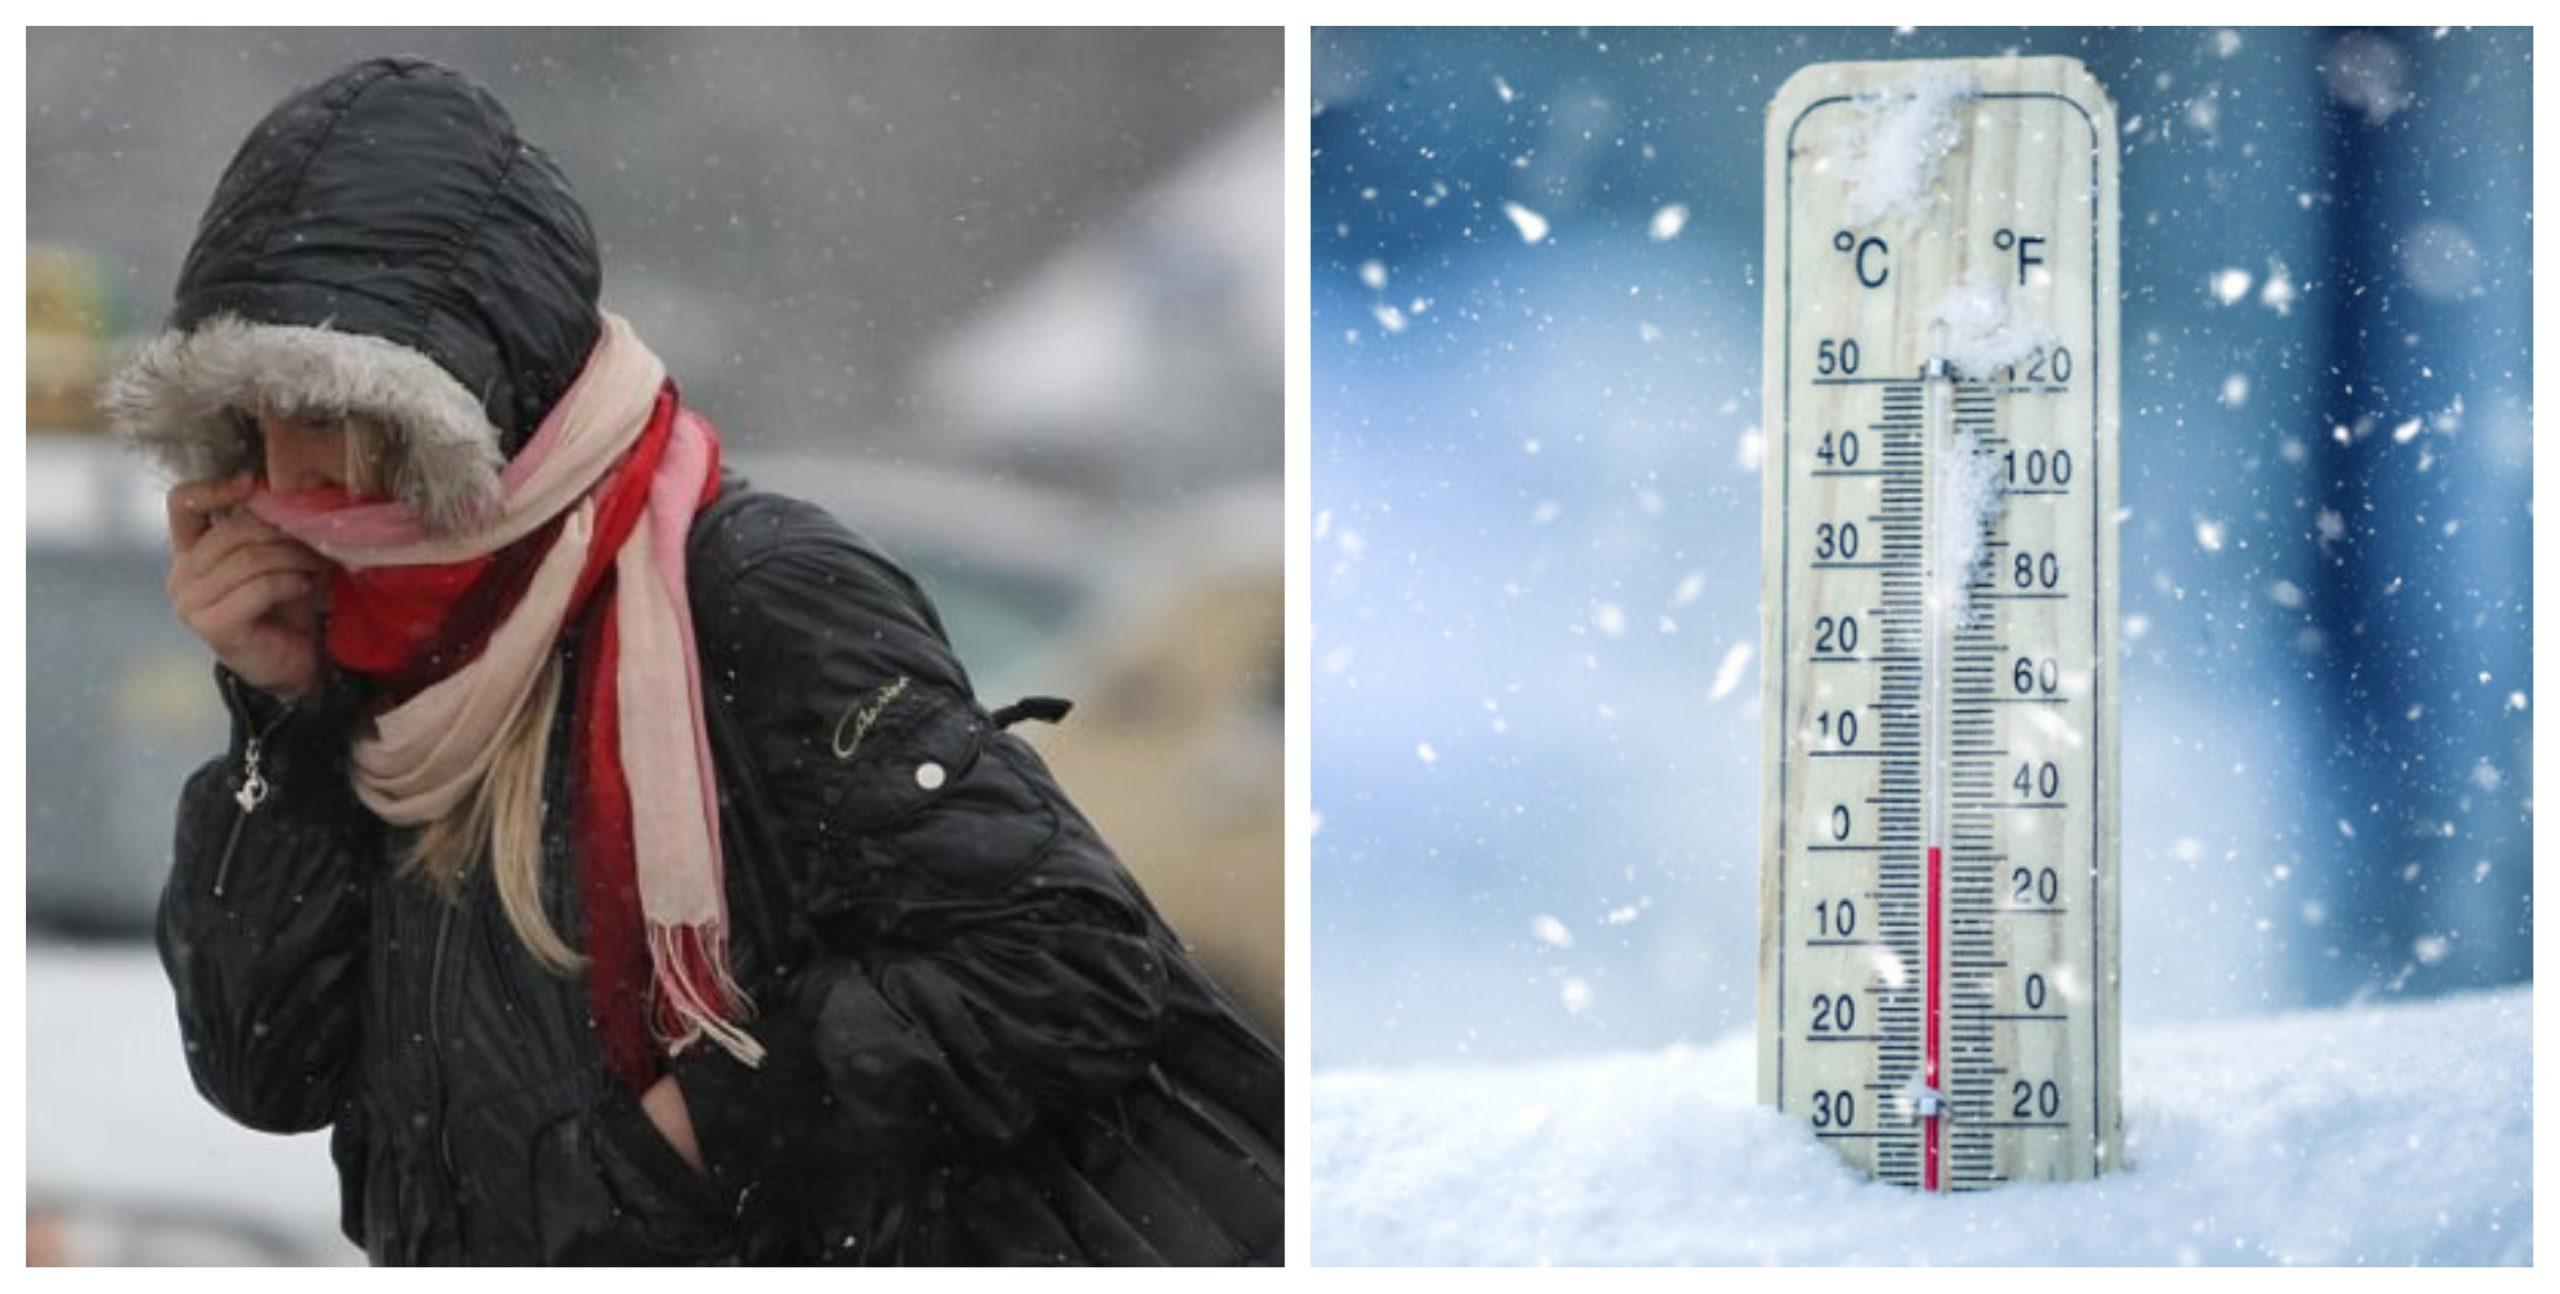 Prognoza meteo ANM 6 decembrie. Vremea se răcește considerabil în ziua alegerilor parlamentare